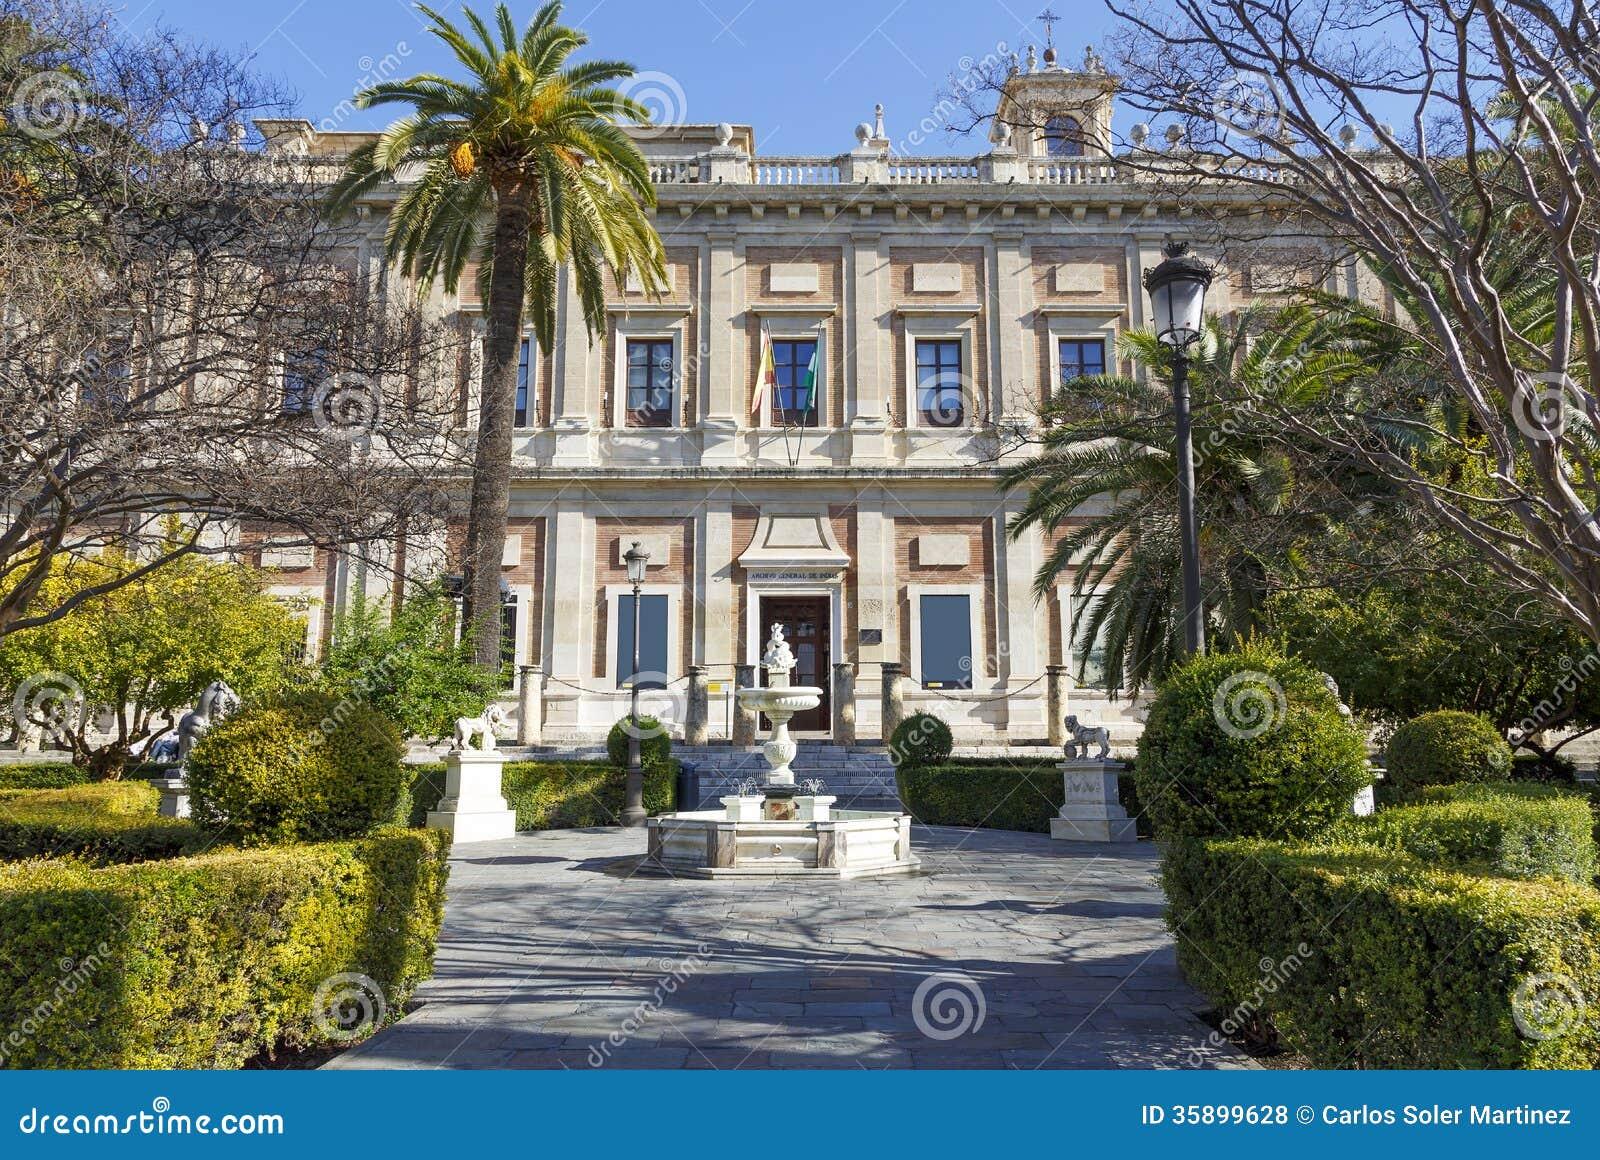 Algemeen Archief van Brits-Indië, Sevilla